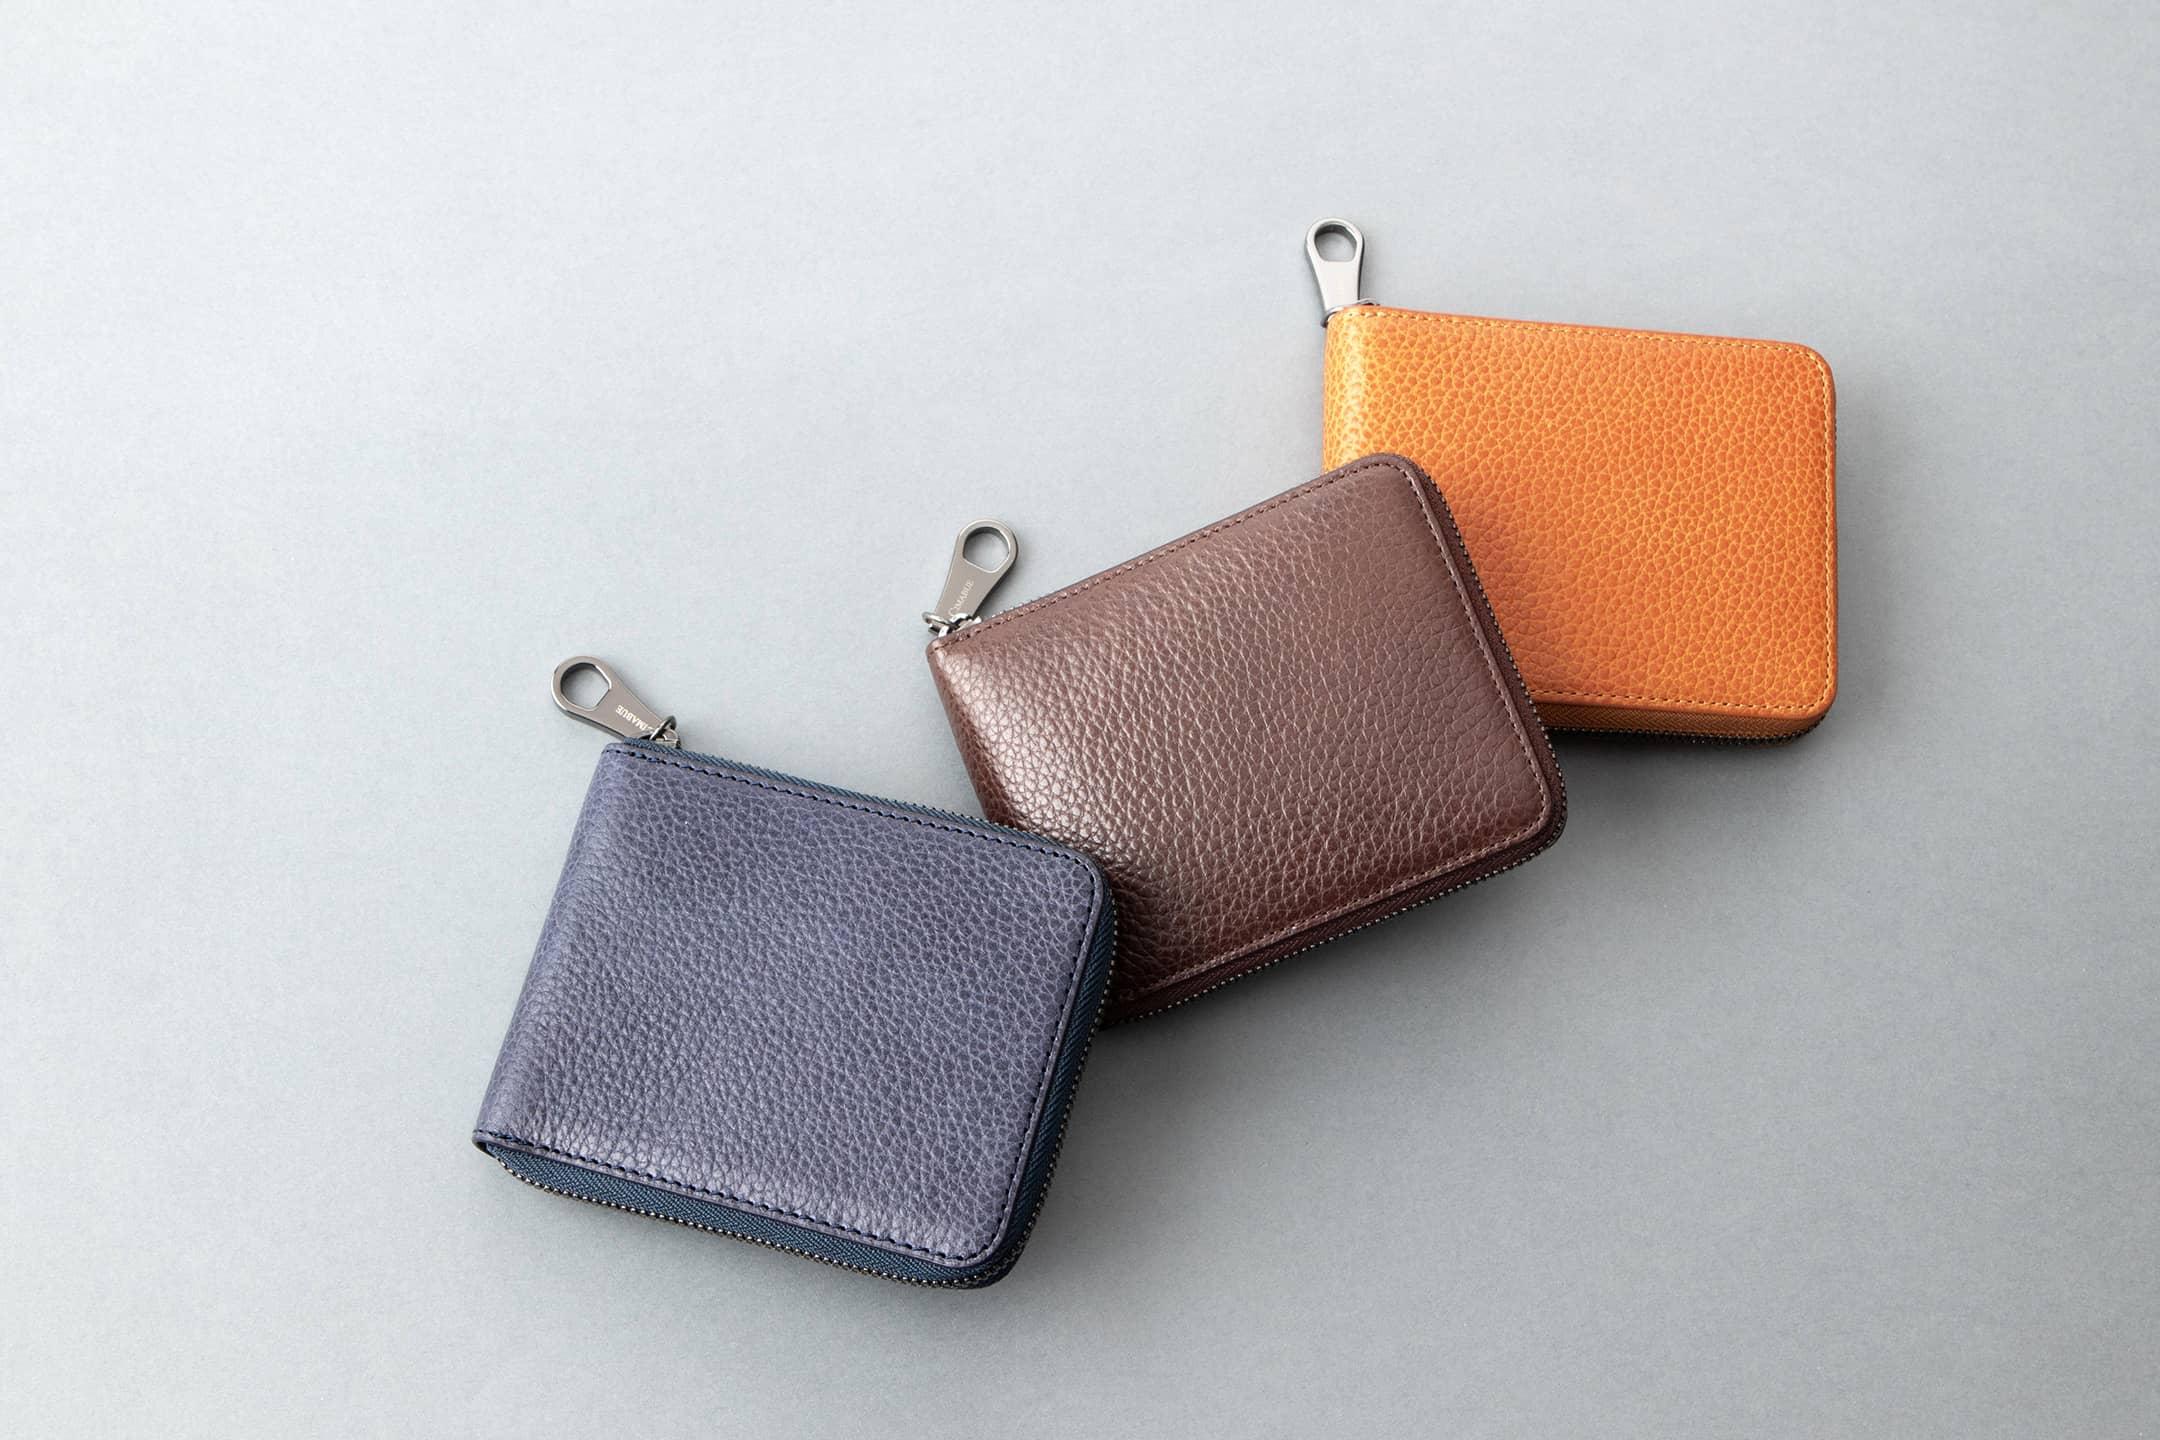 ベルーガ ラウンドジップ二つ折り財布 by CIMABUE(チマブエ)